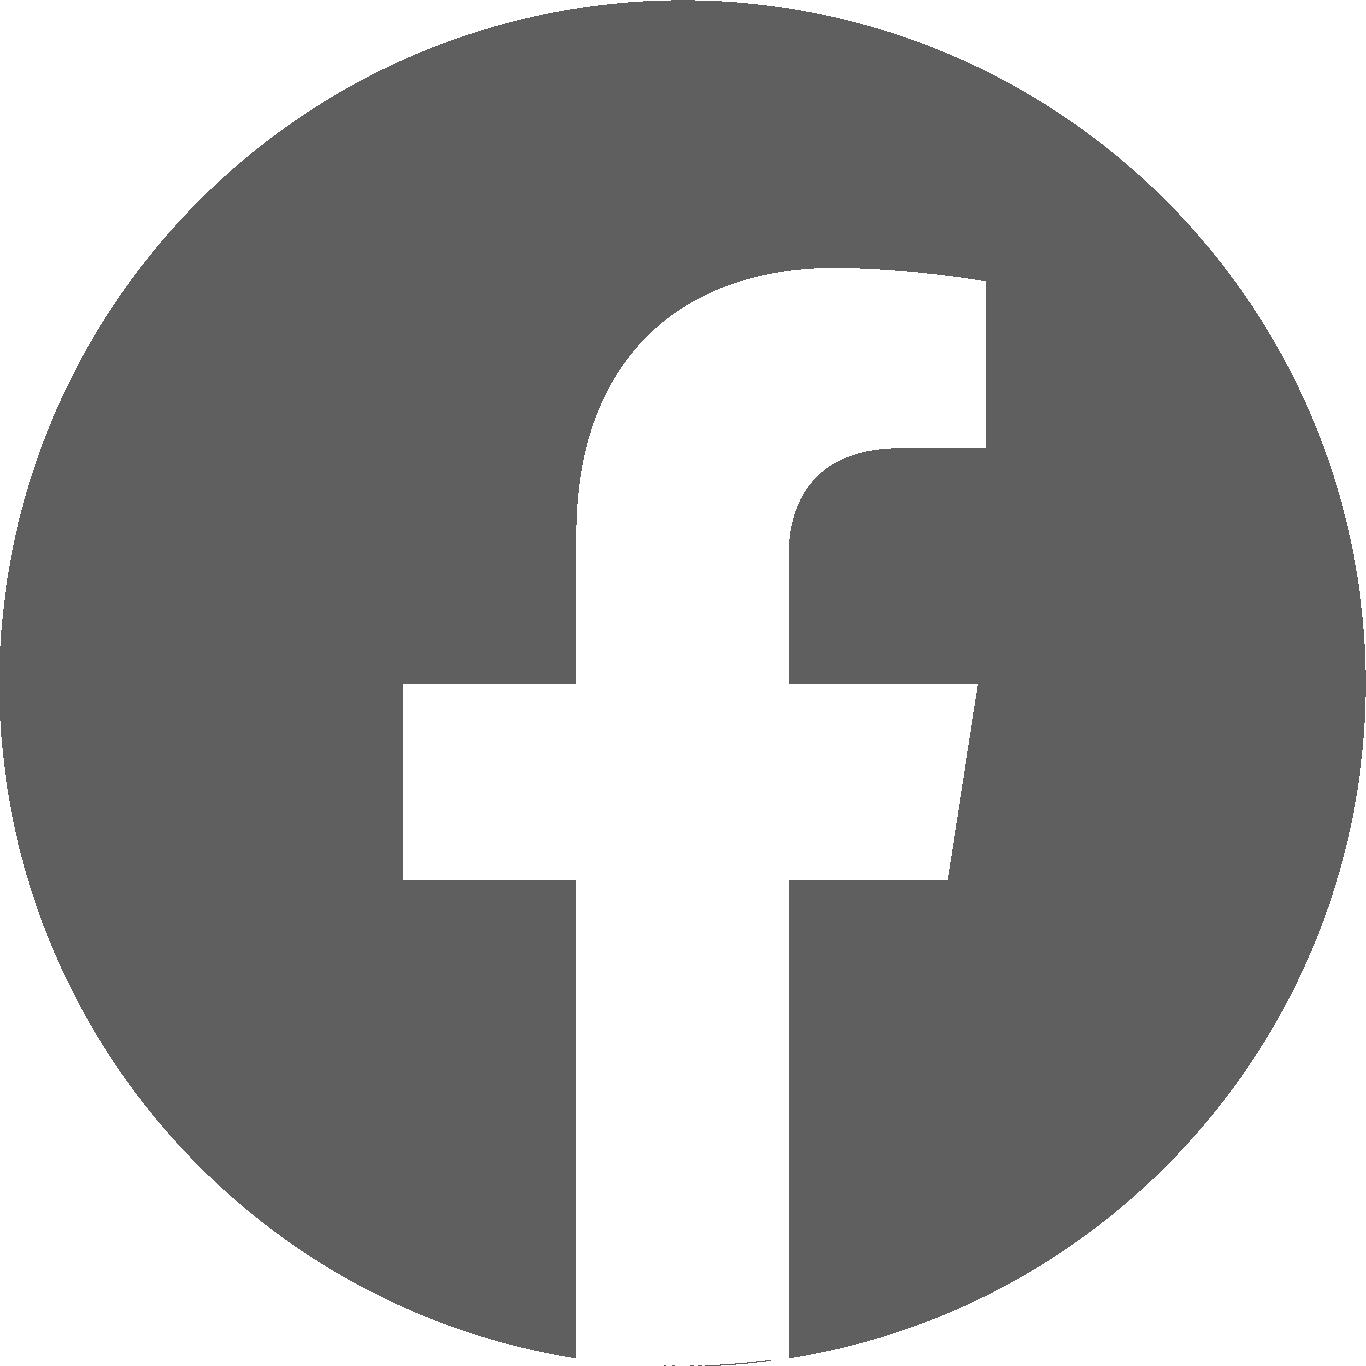 Icona logo Facebook